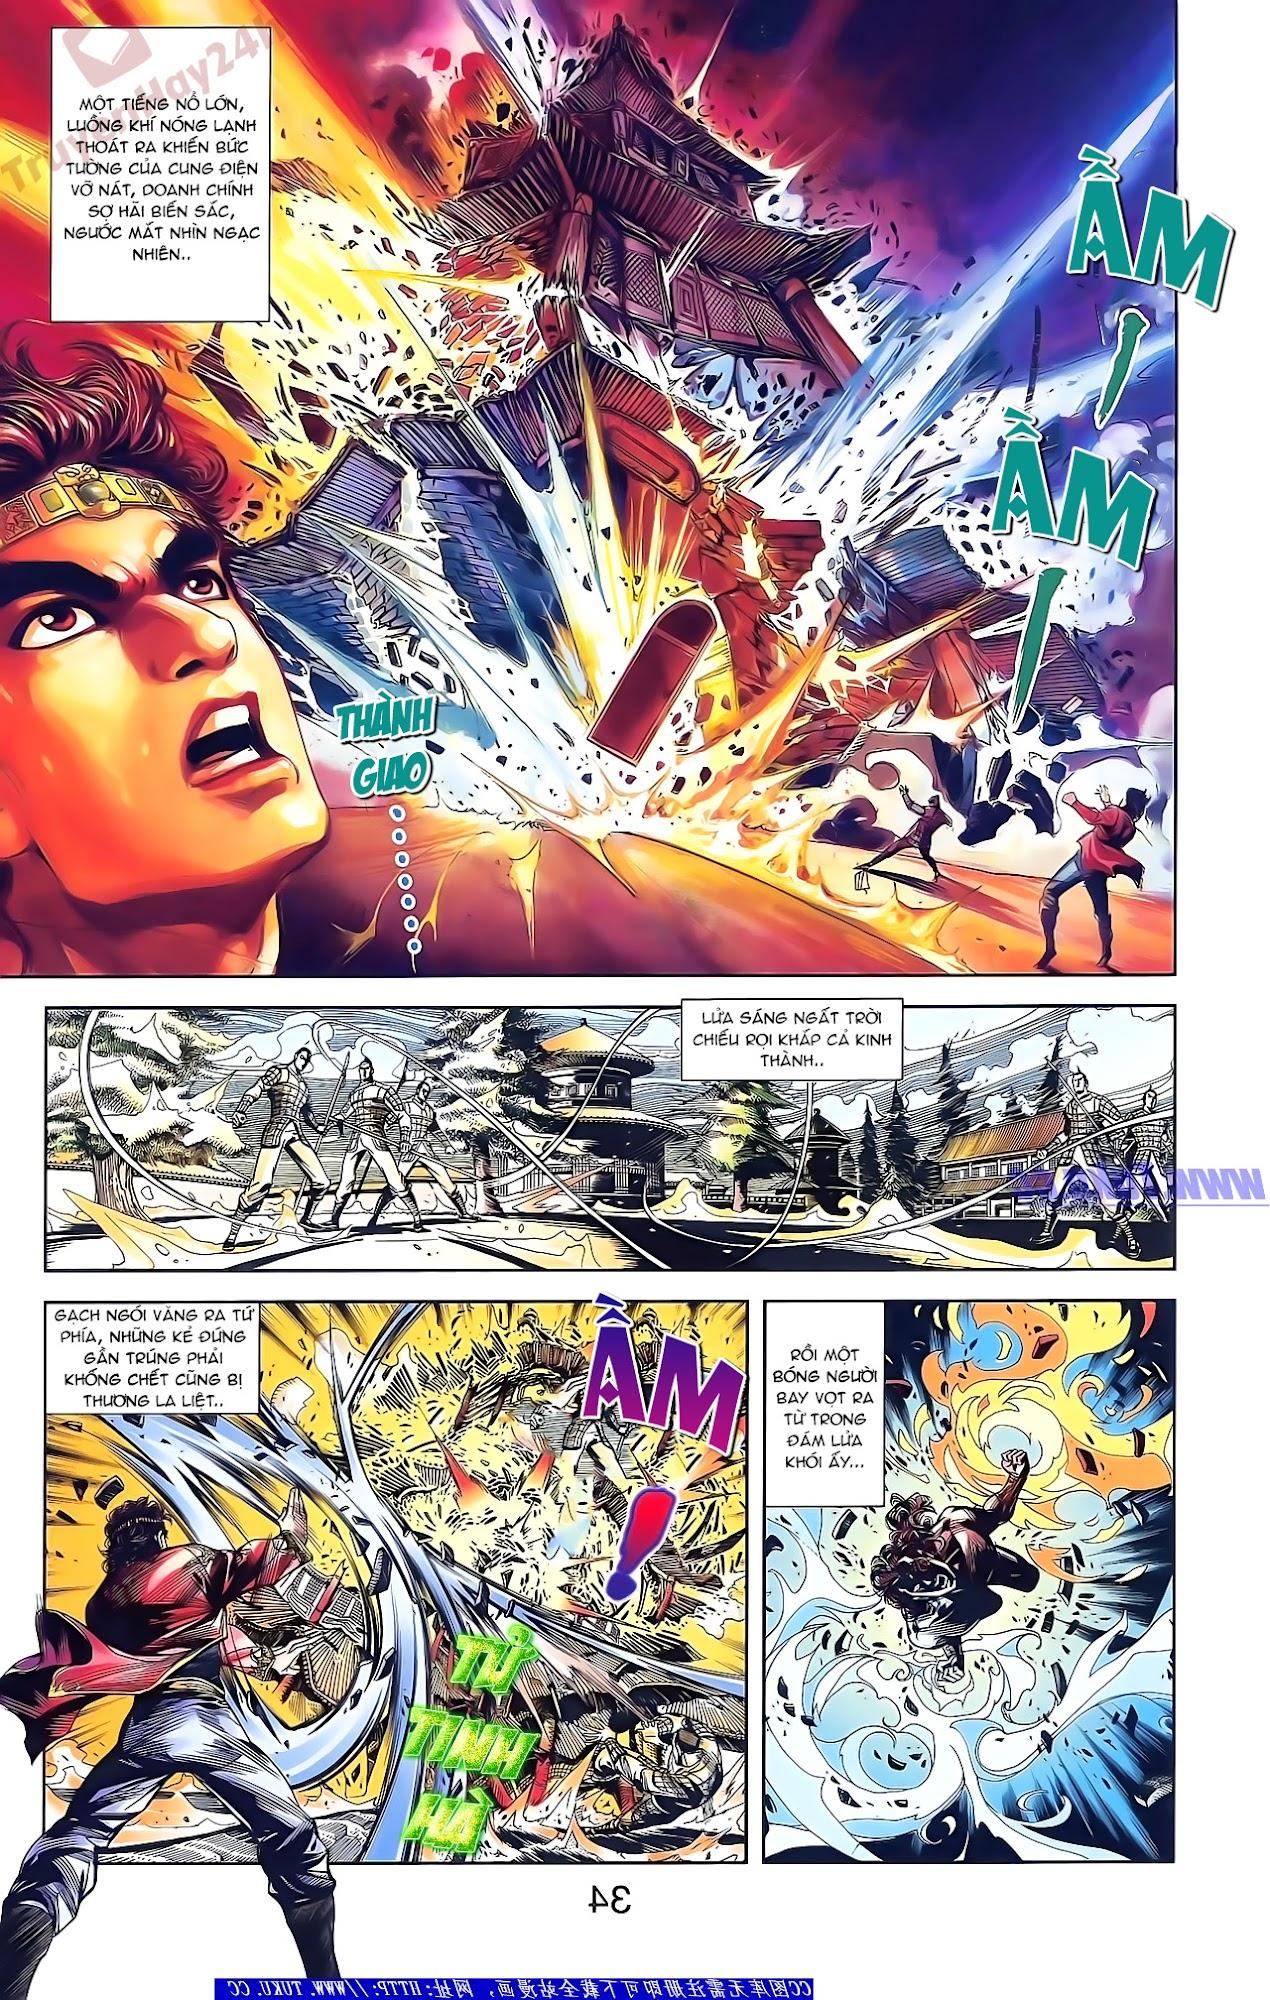 Tần Vương Doanh Chính chapter 51 trang 2